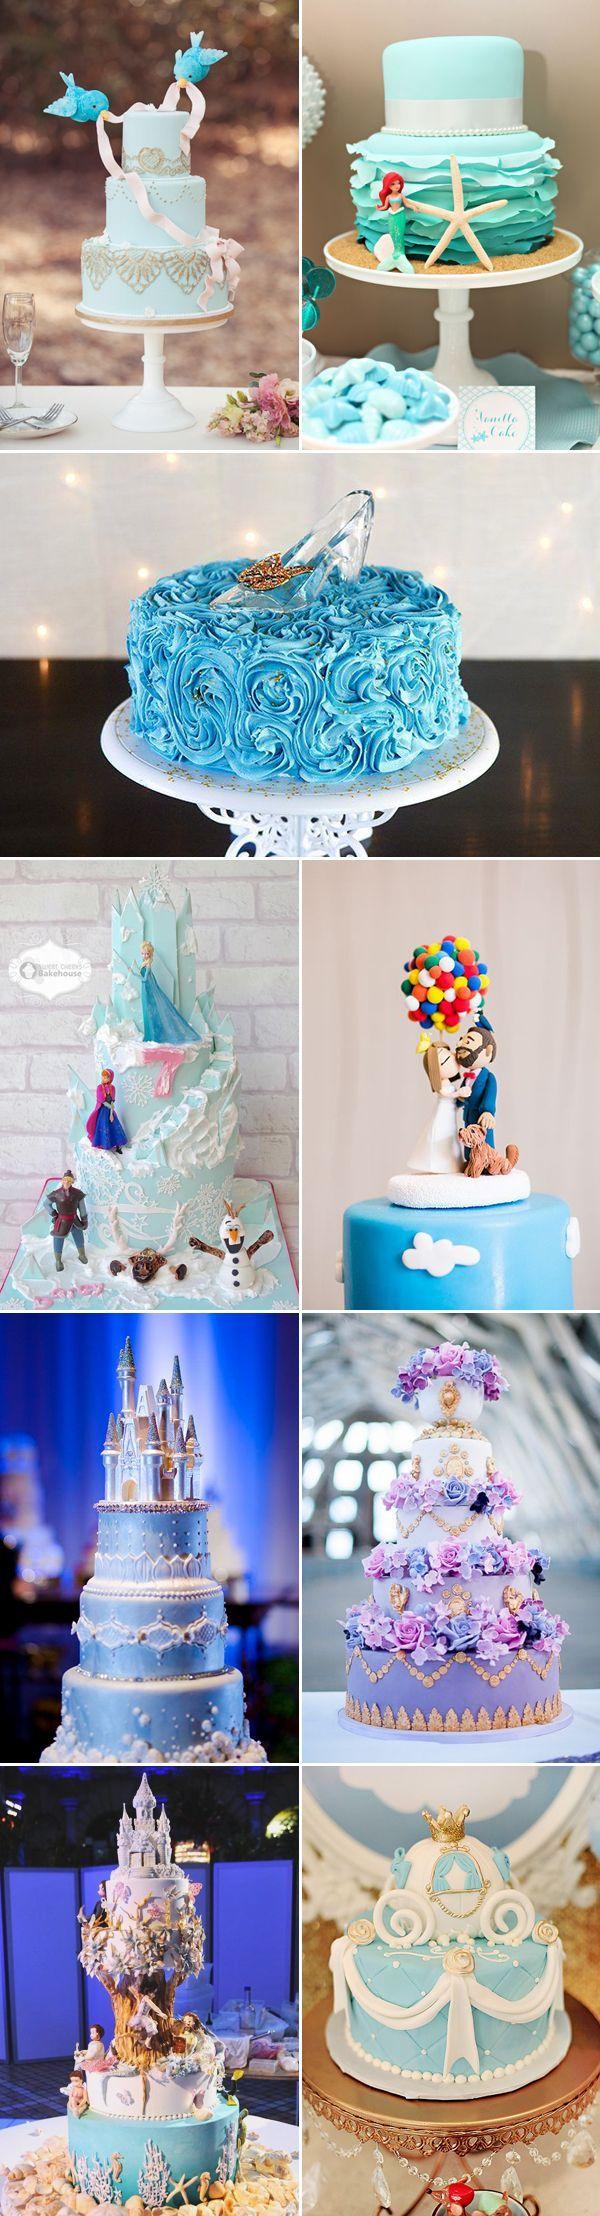 23 Princess Dream Come True Fairytale Wedding Cakes - Disney-Inspired Wedding Cakes!